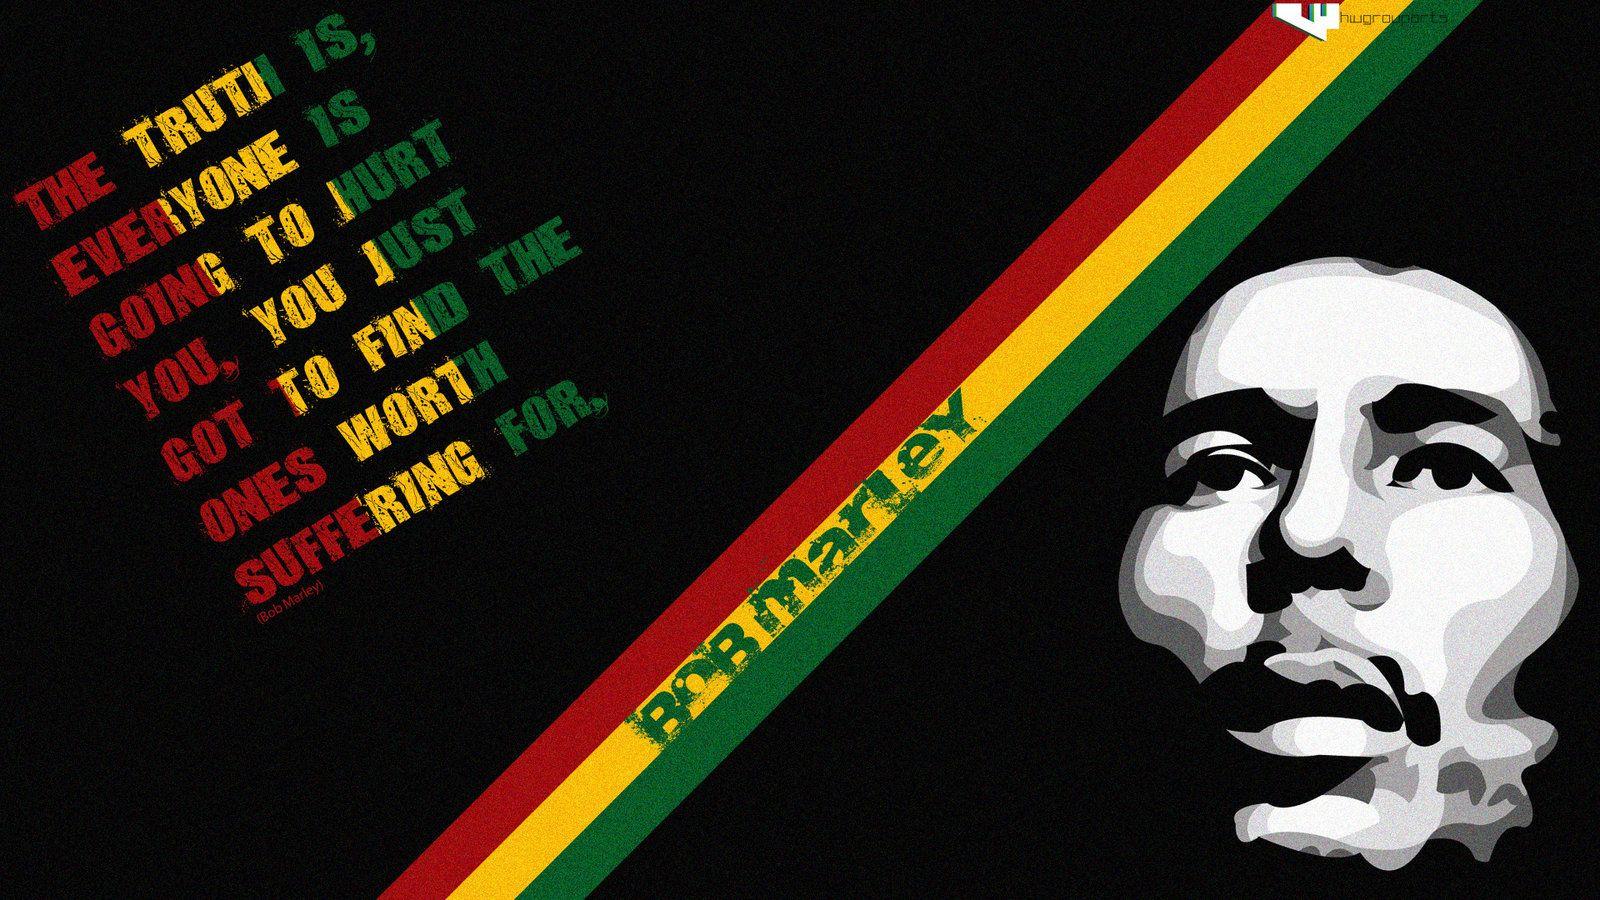 Pin By Xong Phim On Bob Marley Bob Marley Bob Marley Quotes Image Bob Marley